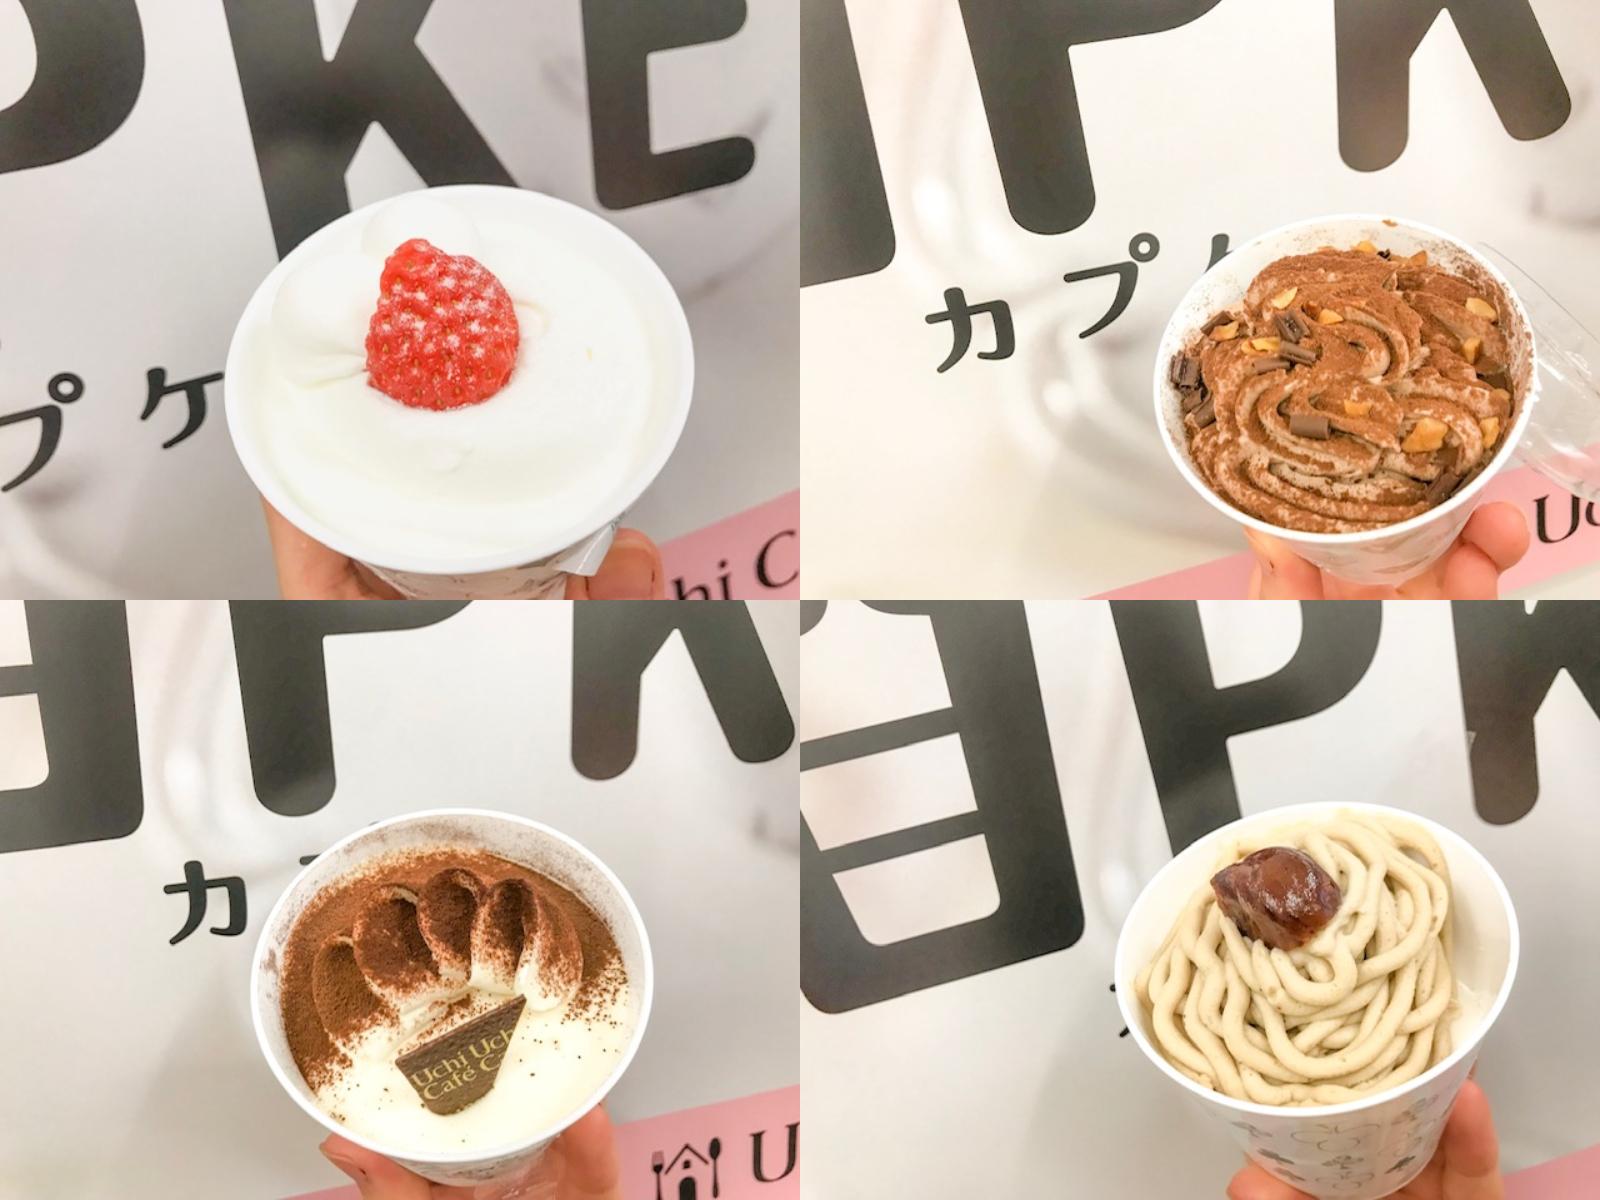 『ローソン』の新スイーツ「CUPKE」をいち早くチェック♡ ケーキを手軽にカップでぱくり!【コンビニスイーツ新作、食べてみた!】_7